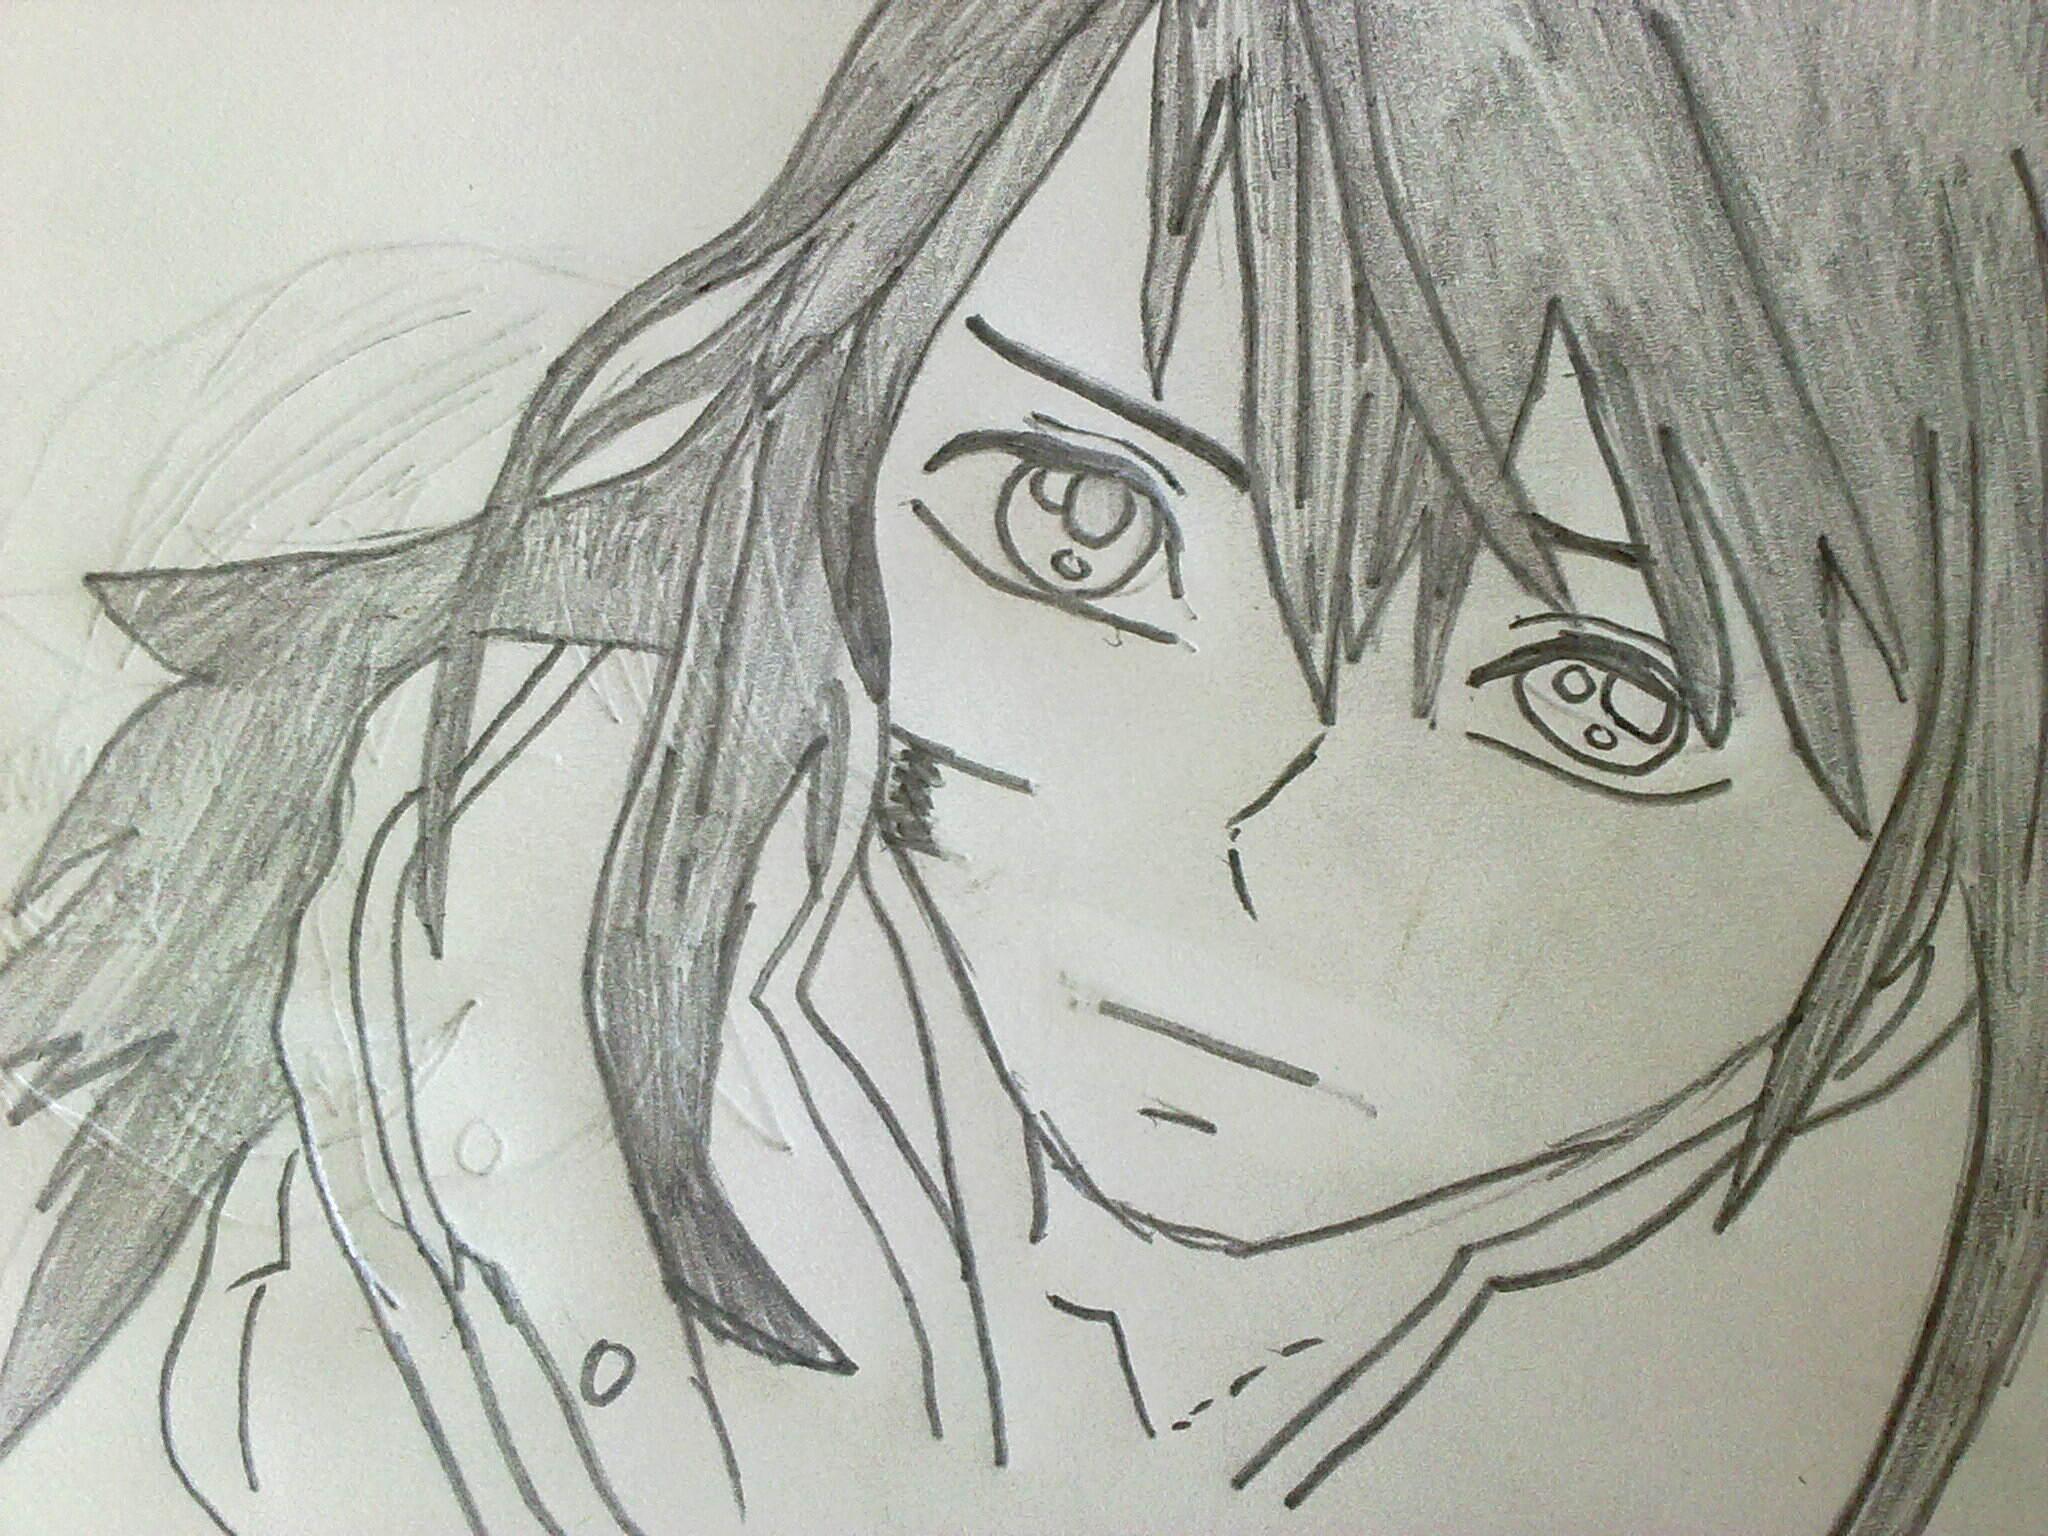 2048x1536 Anime Boy And Girl Drawing Sad Animes Anime Boy Vs Anime Girl